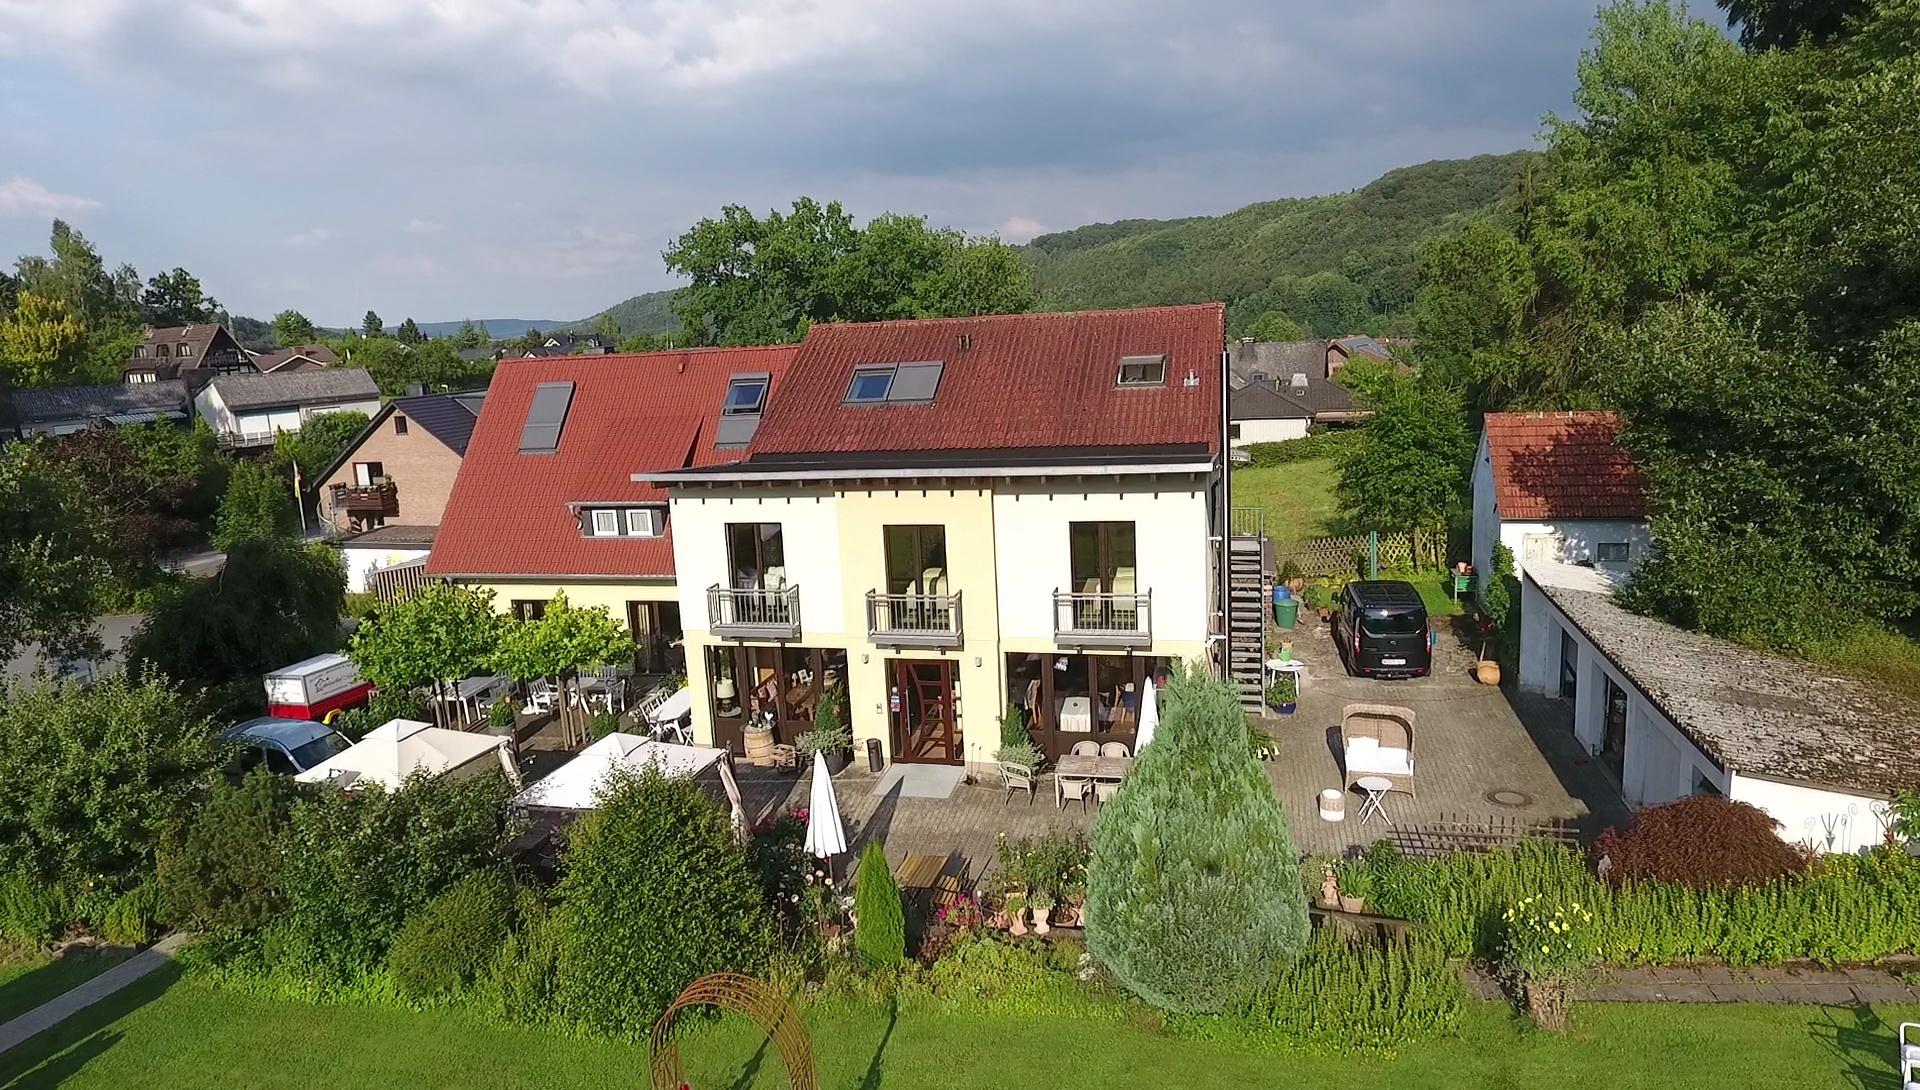 Aussenansicht Landgasthof Mücke in Marsberg